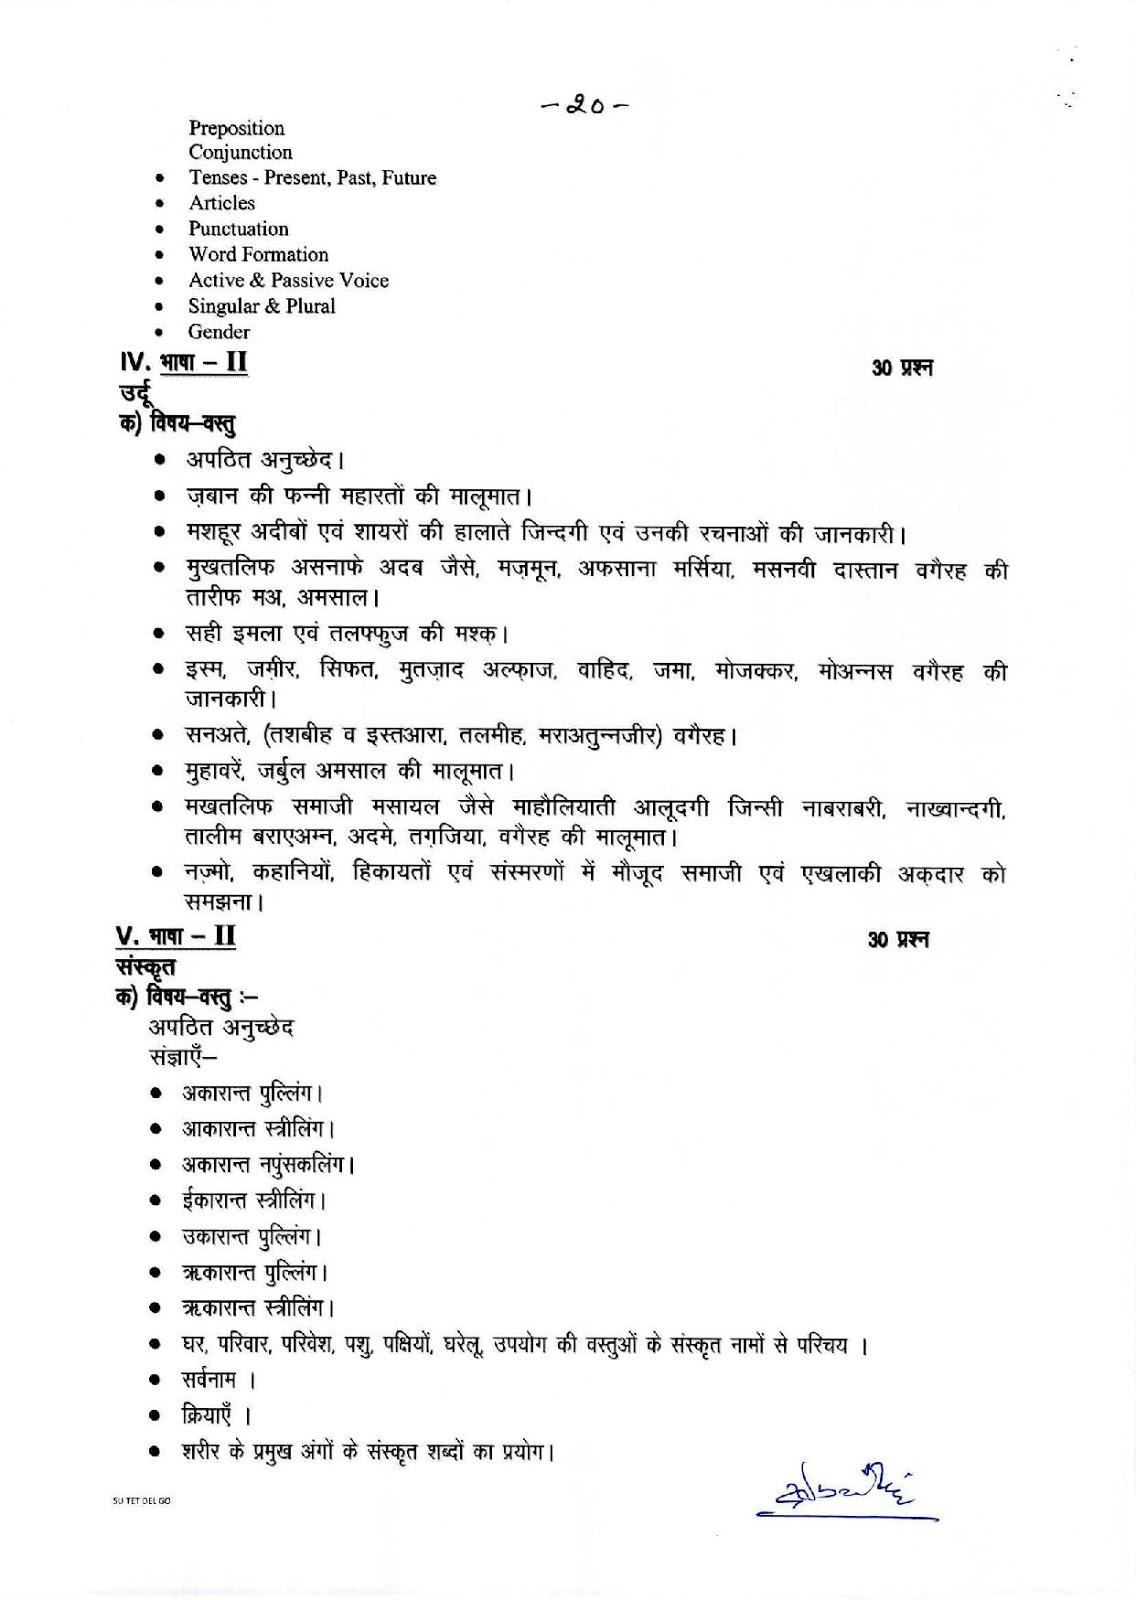 प्राथमिक स्तर पेपर-I (कक्षा 1 से 5 तक) पाठ्यक्रम देखे - 4